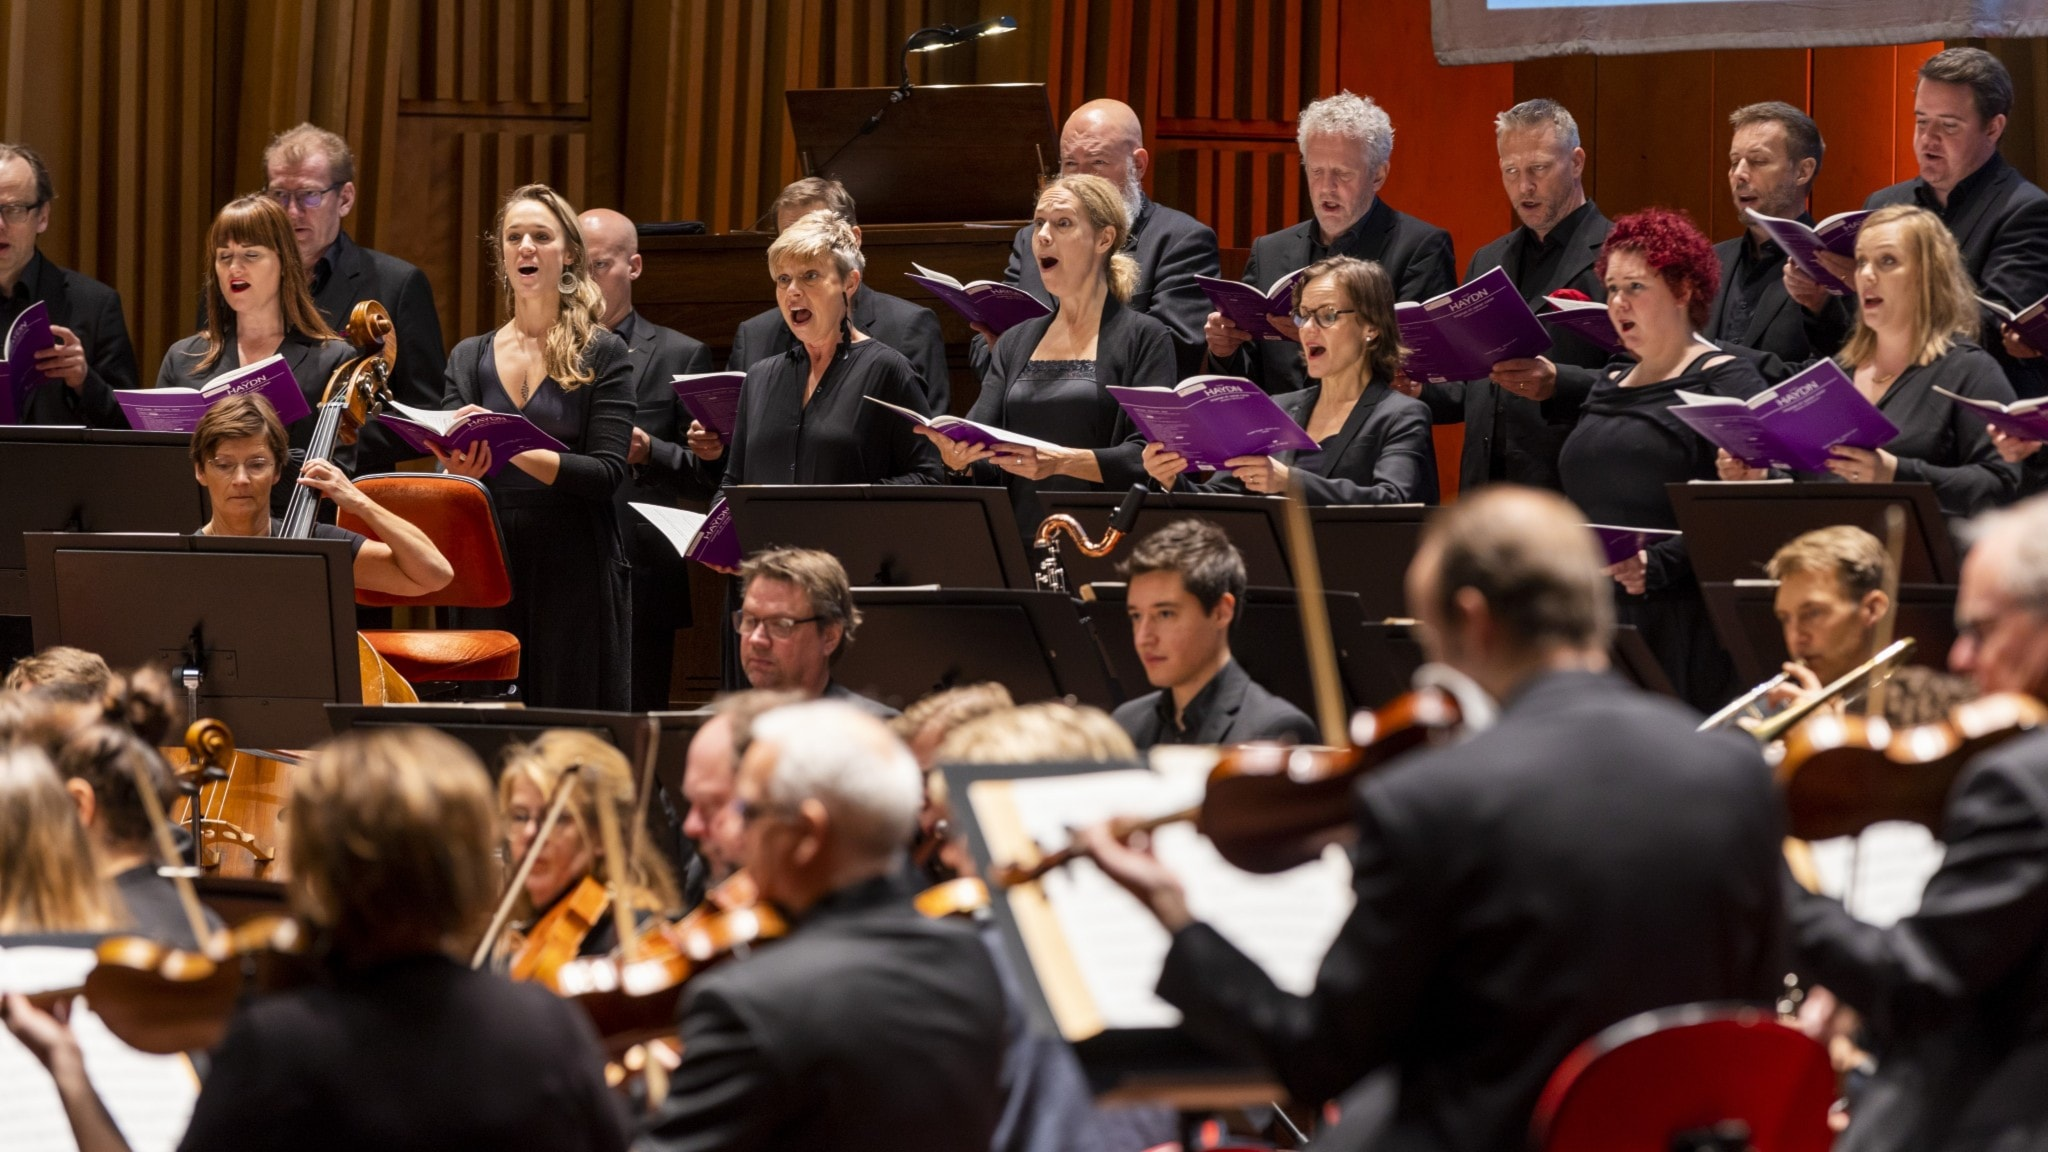 DIREKT: Händels Messias avslutar Östersjöfestivalen